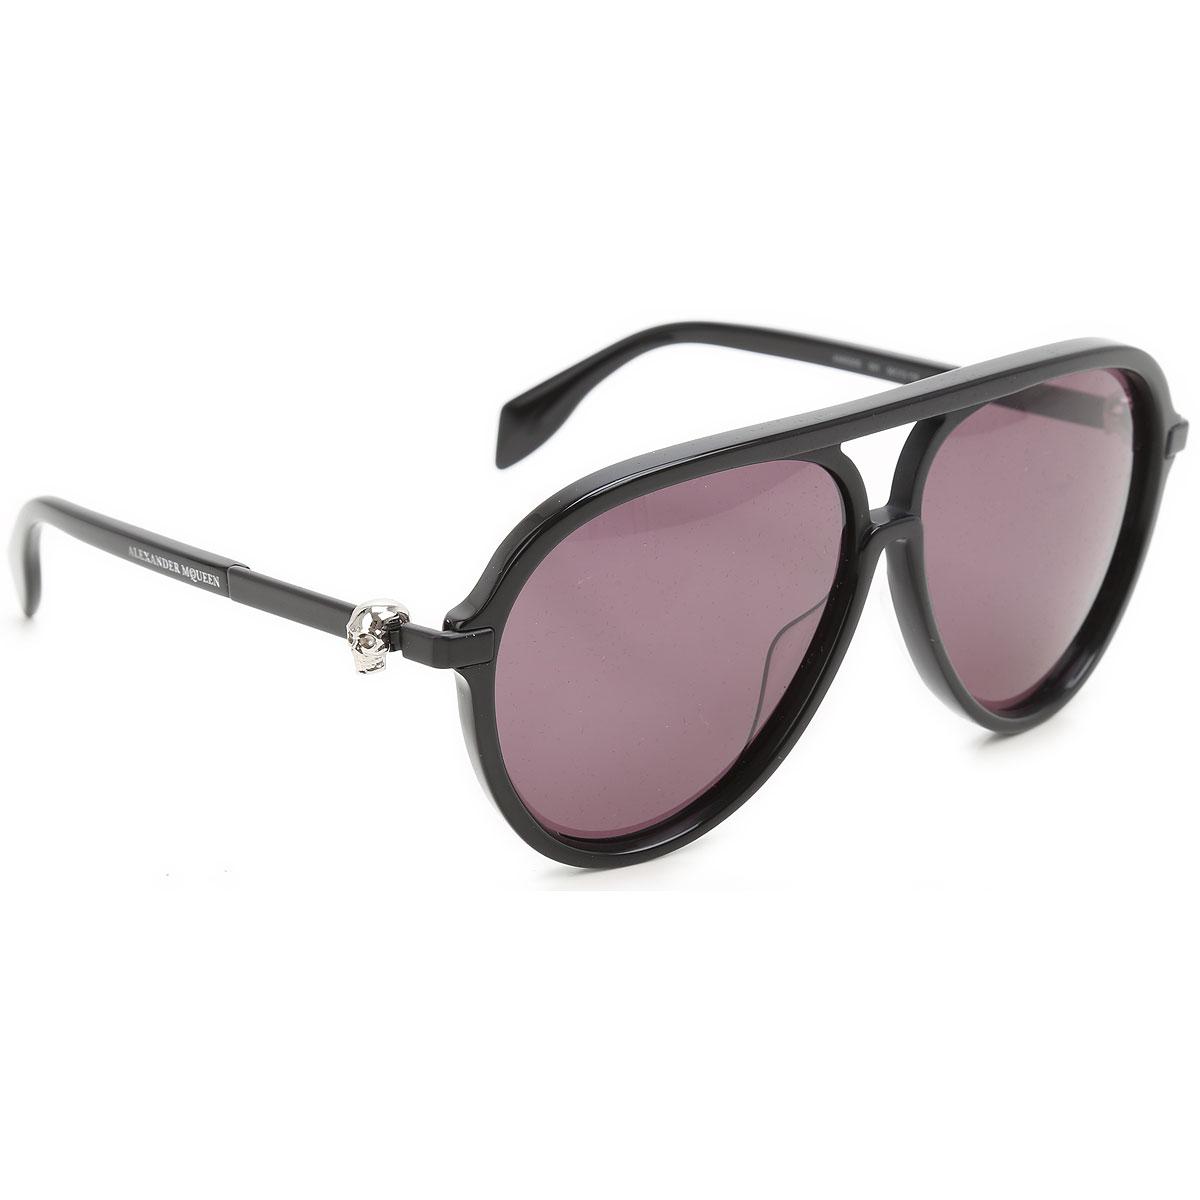 Alexander McQueen Sunglasses On Sale, 2019